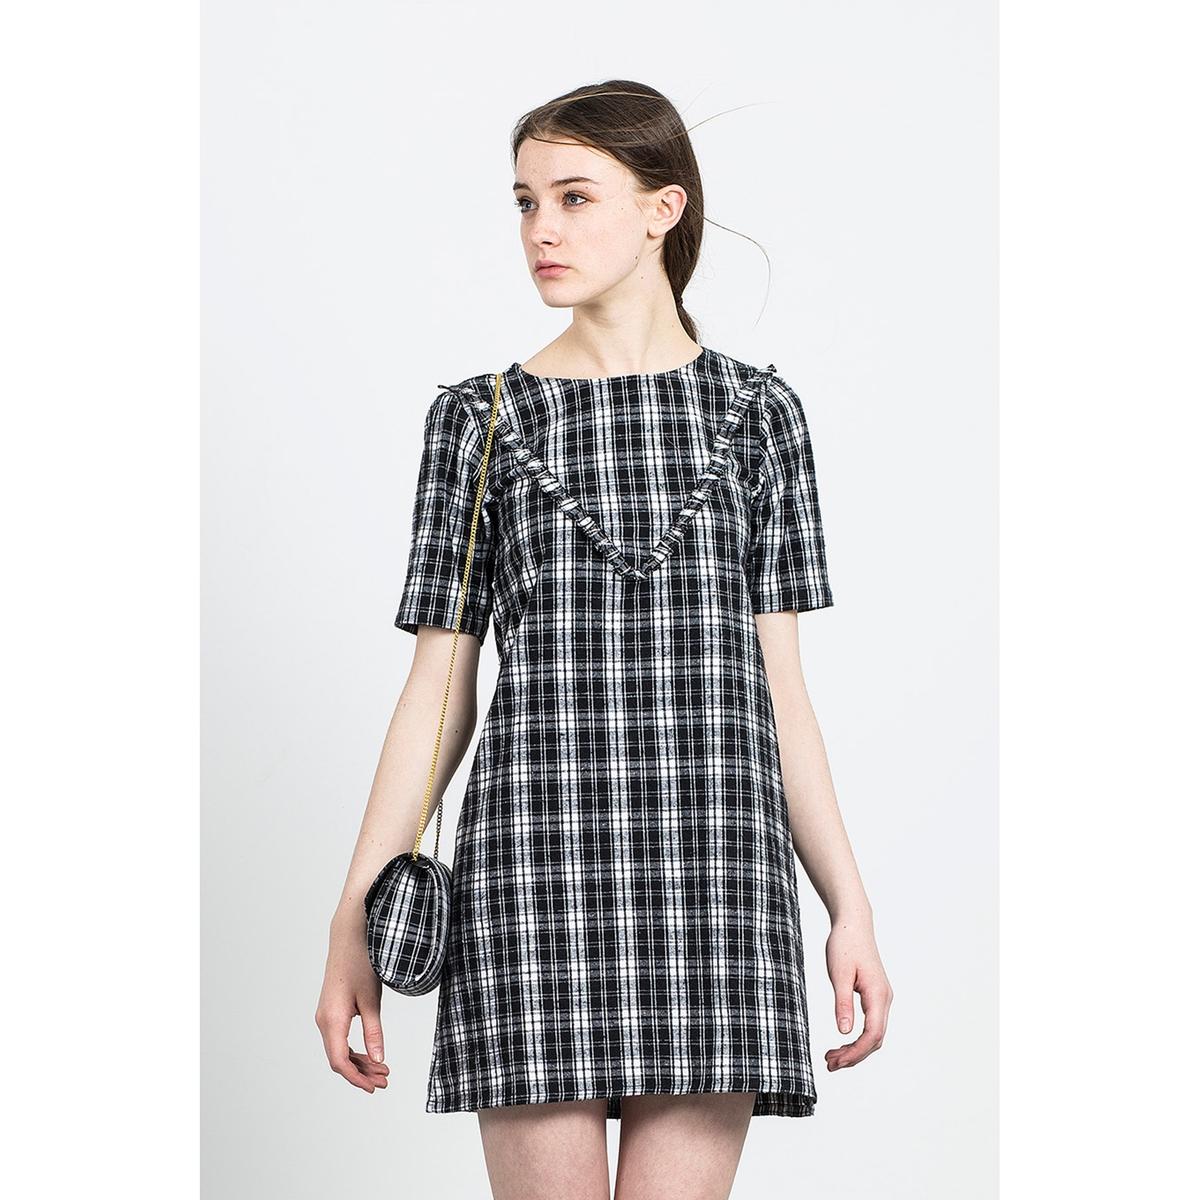 Платье короткое BINGO DRESSСостав и описаниеМатериал: 100% хлопок.Марка: COMPANIA FANTASTICA.УходСтирка при 30°С с вещами подобных цветов.Стирать и гладить с изнанки.<br><br>Цвет: черный/ белый<br>Размер: L